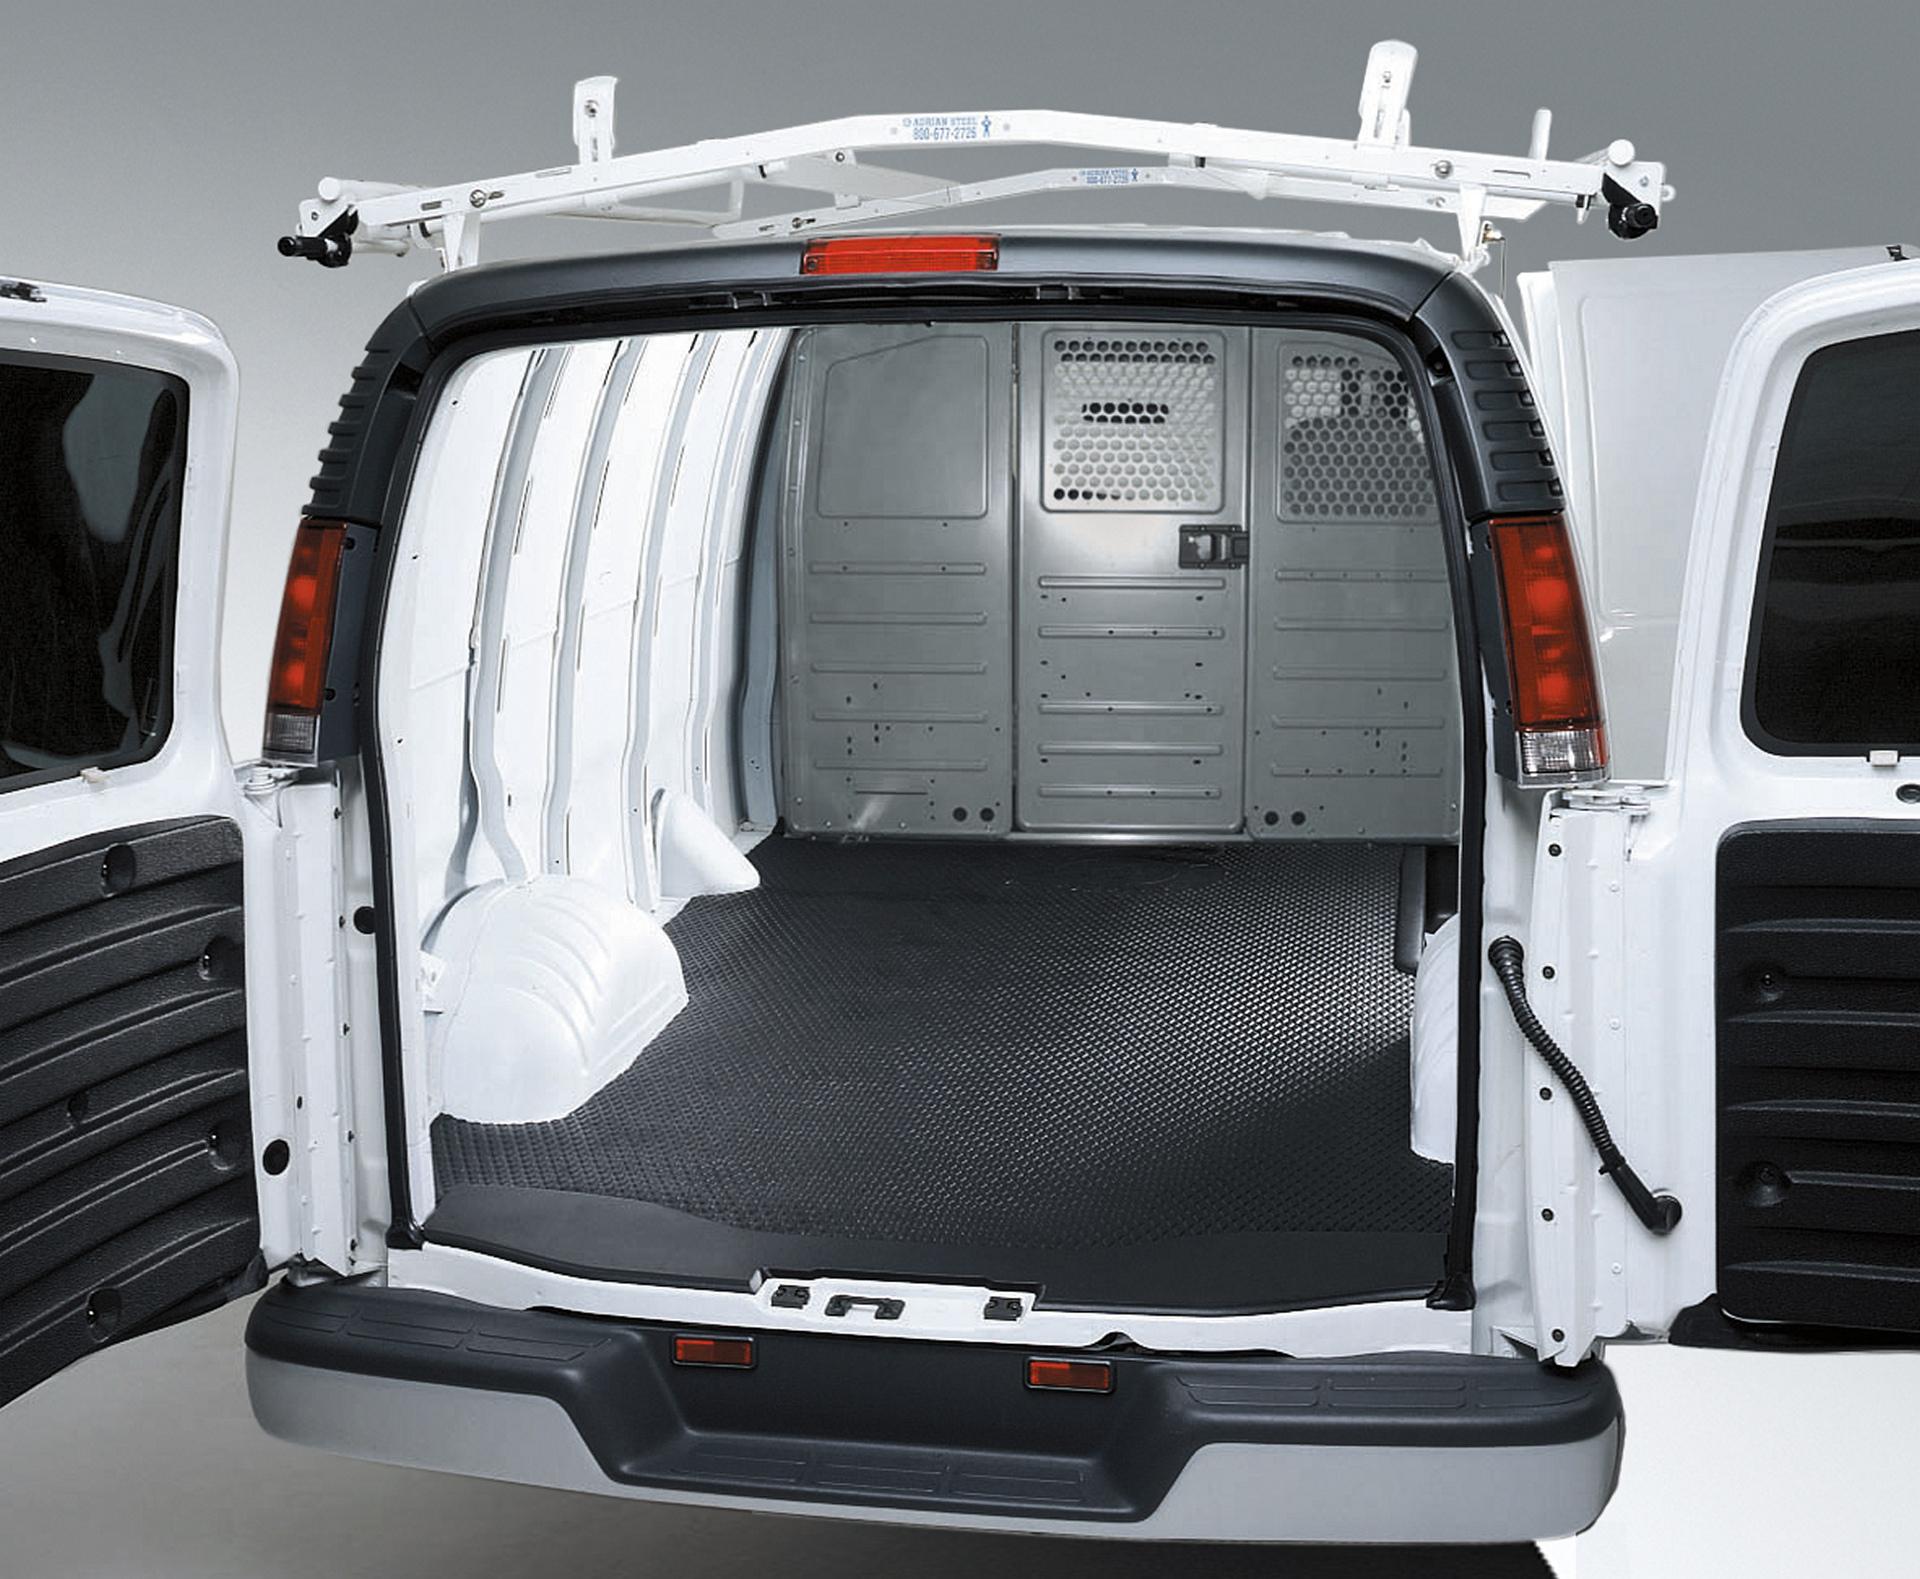 2016 GMC Savana Cargo Van © General Motors